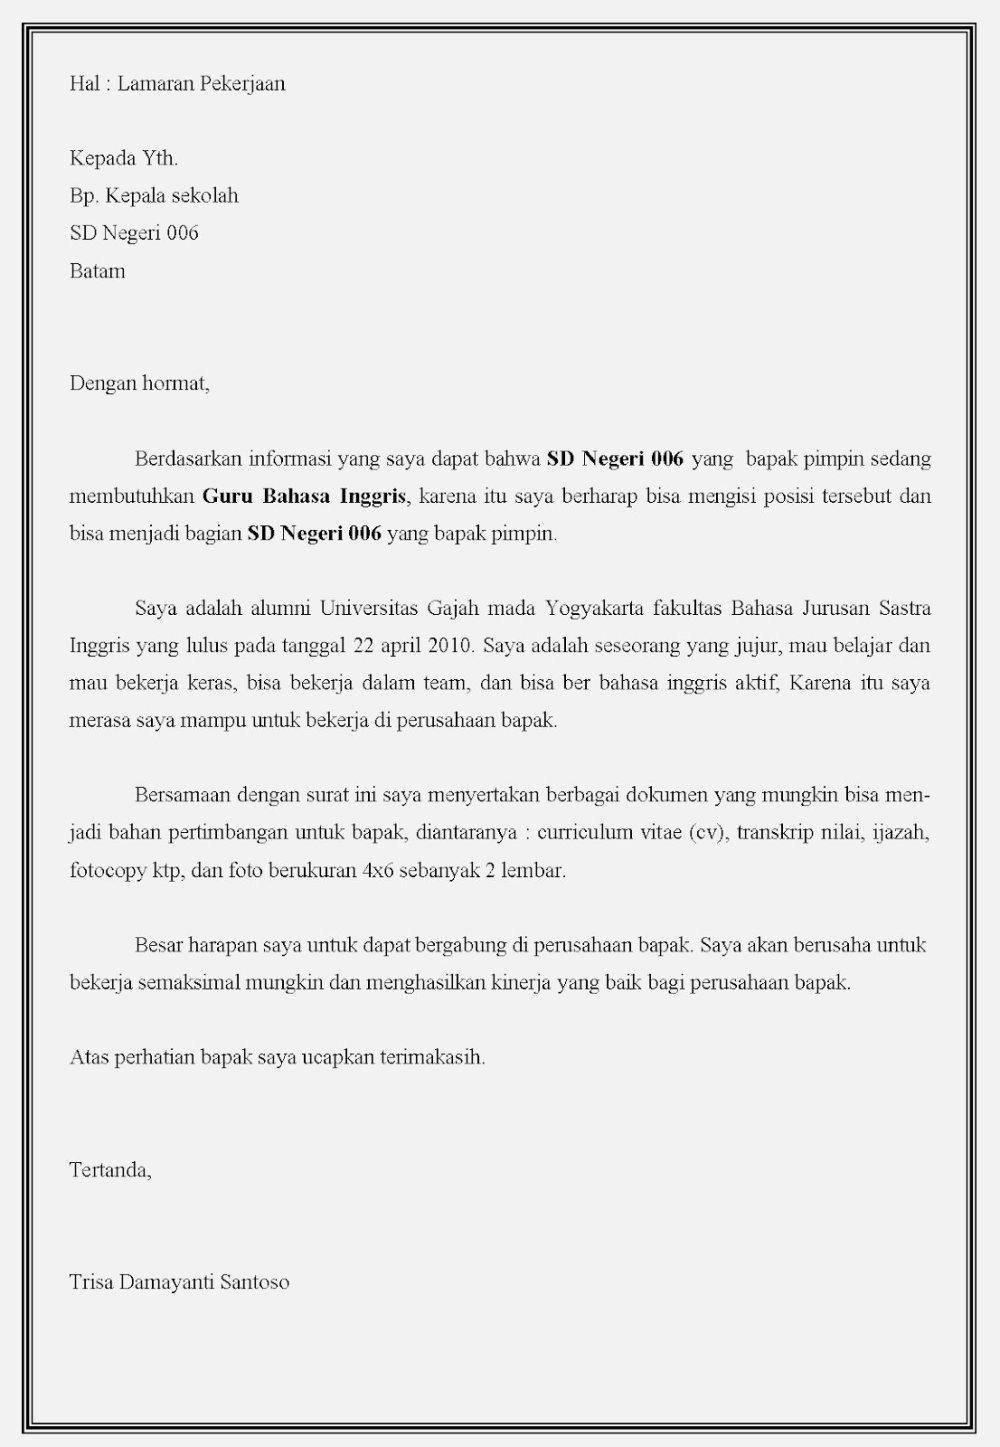 16 Contoh Surat Lamaran Kerja Guru Sd Smp Sma Dll Contoh Surat